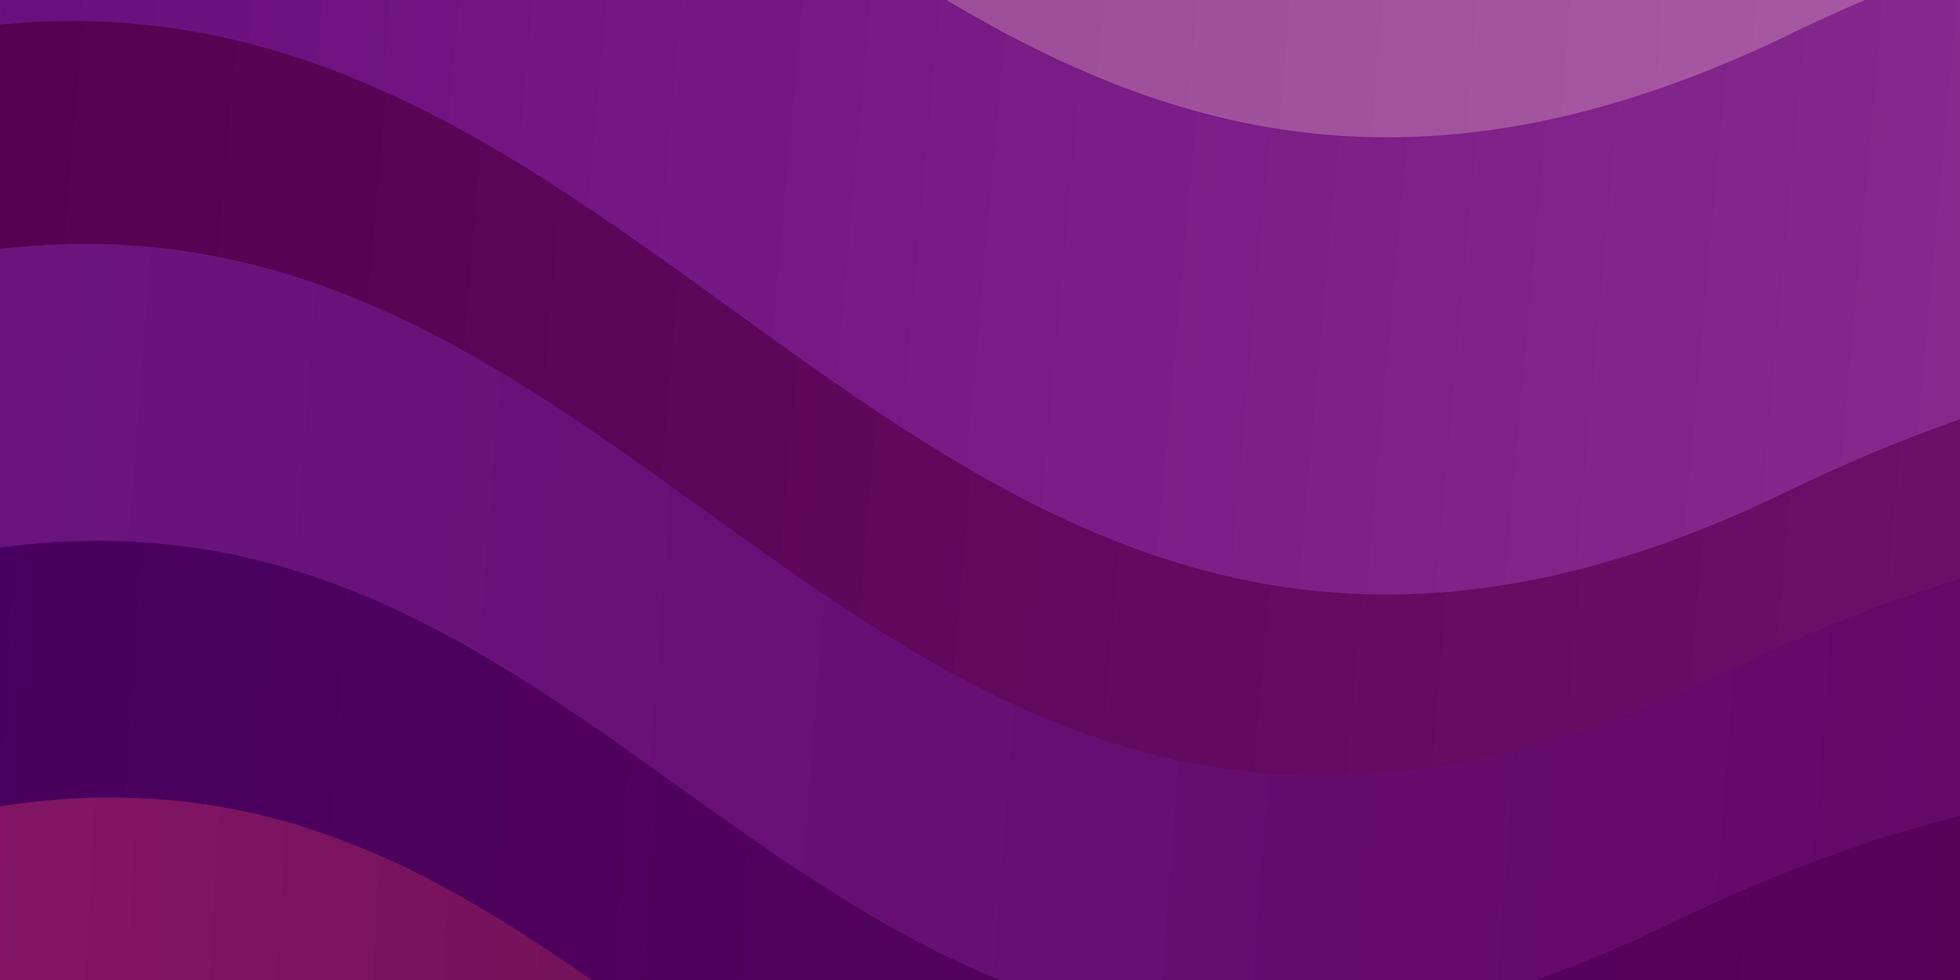 fond violet clair, rose avec des lignes. vecteur